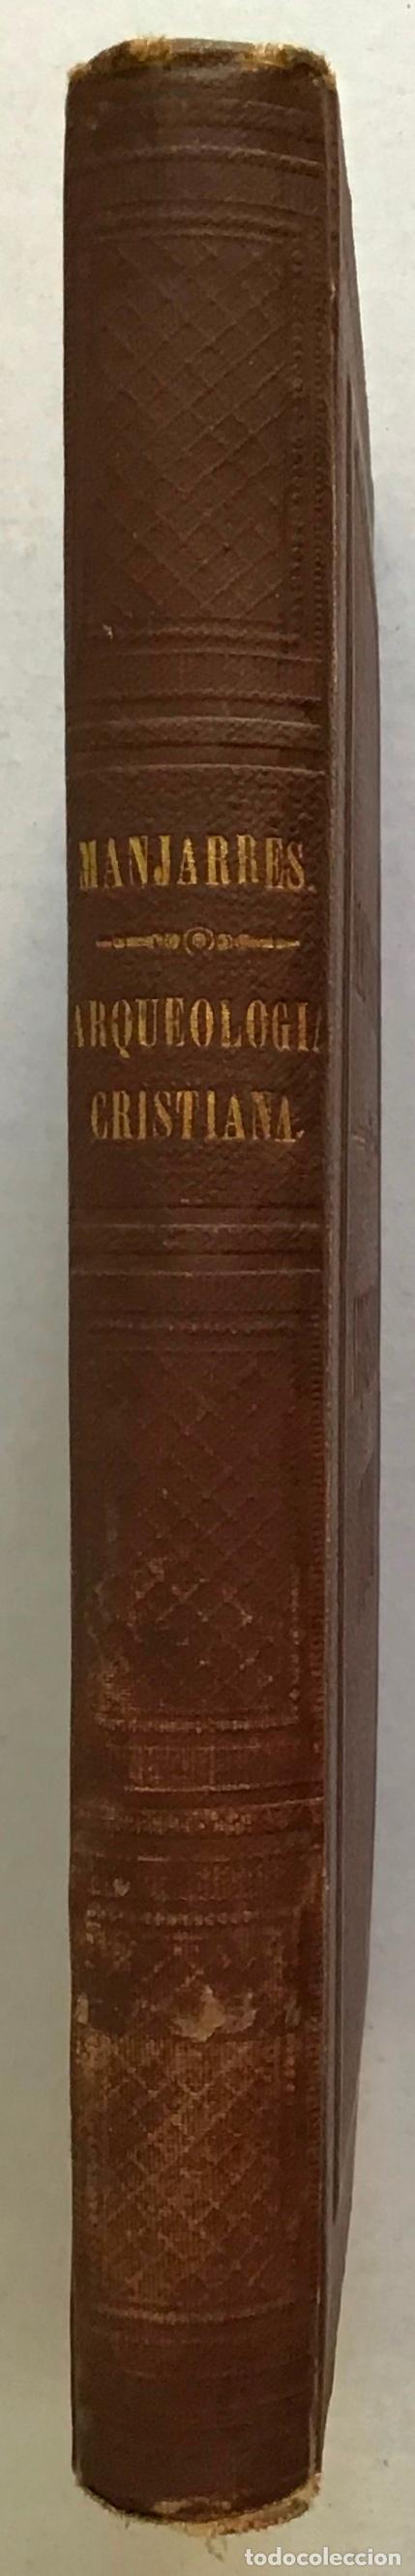 Libros antiguos: NOCIONES DE ARQUEOLOGÍA CRISTIANA PARA USO DE LOS SEMINARIOS CONCILIARES... - Foto 2 - 209187337